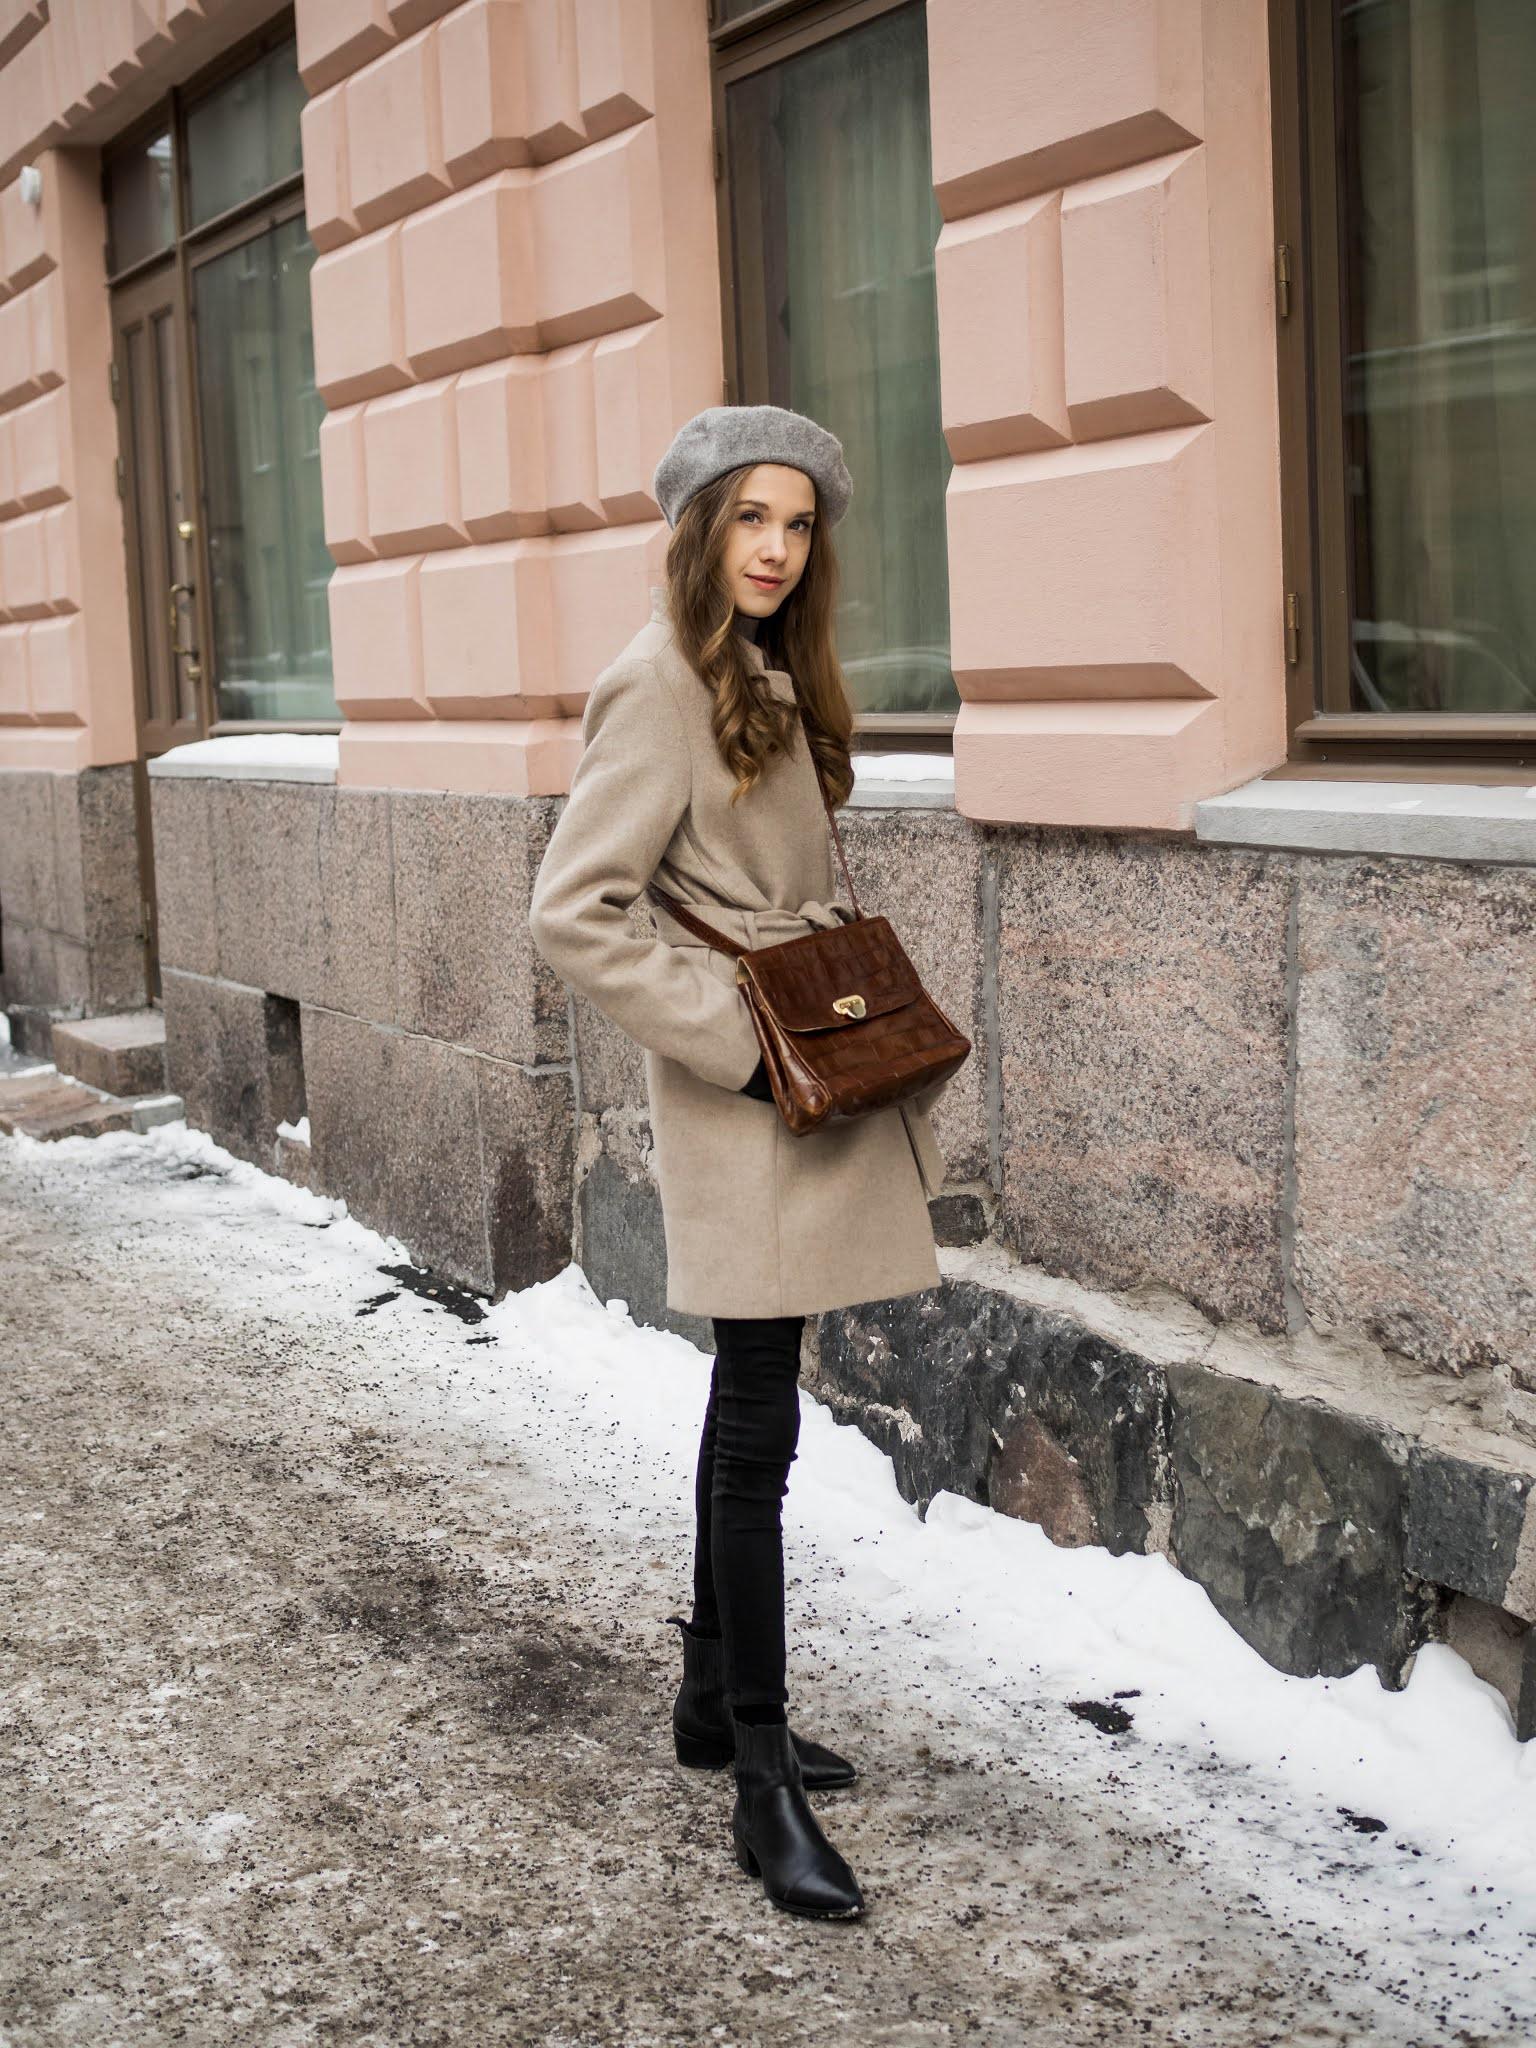 Alkukevään pukeutuminen, asu lyhyen villakangastakin ja baskerin kanssa // Early spring outfit inspiration